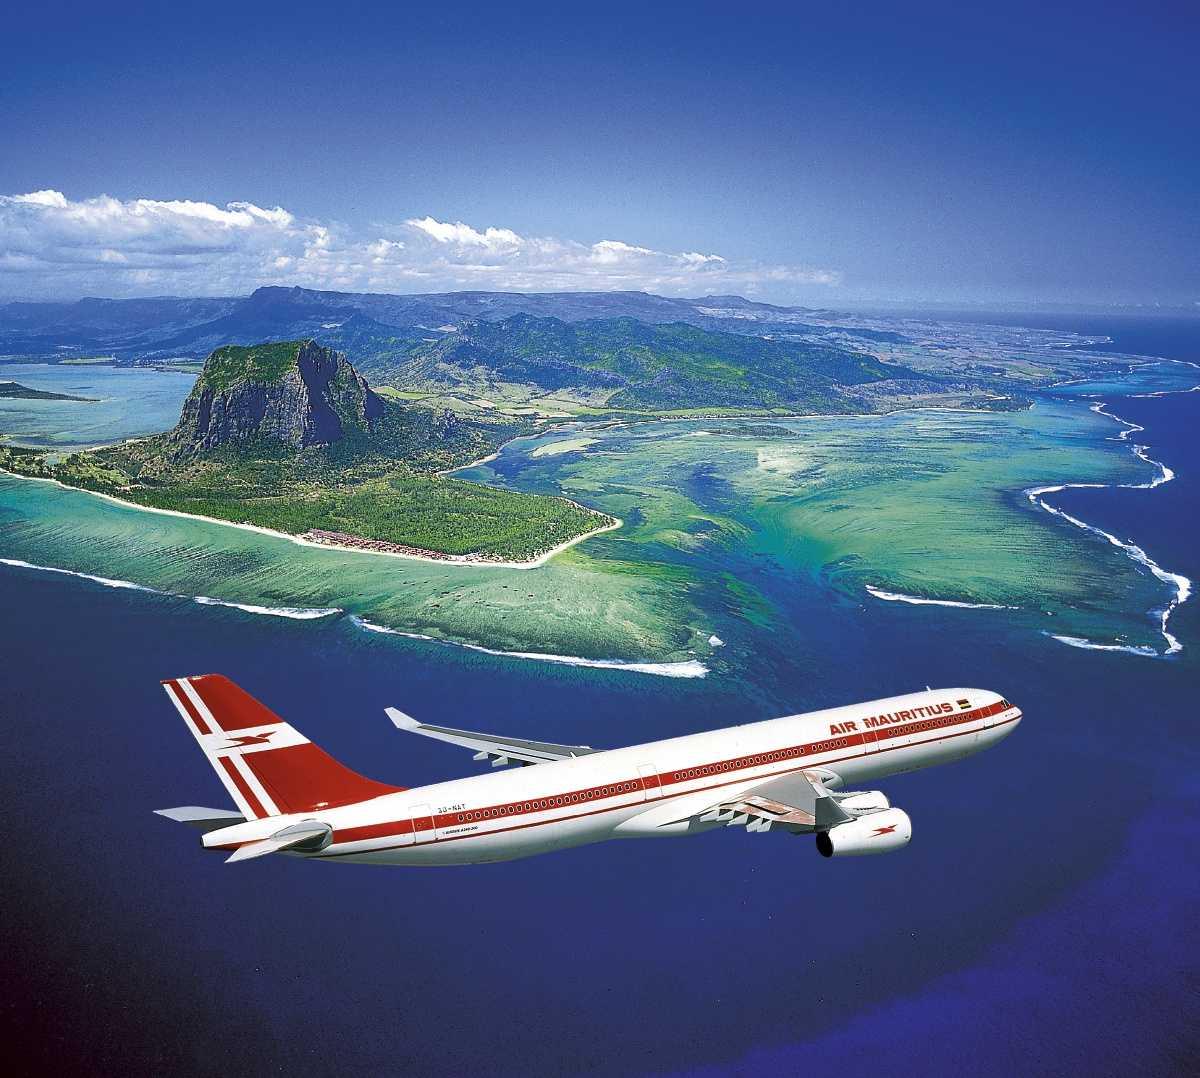 aereo-air-mauritius